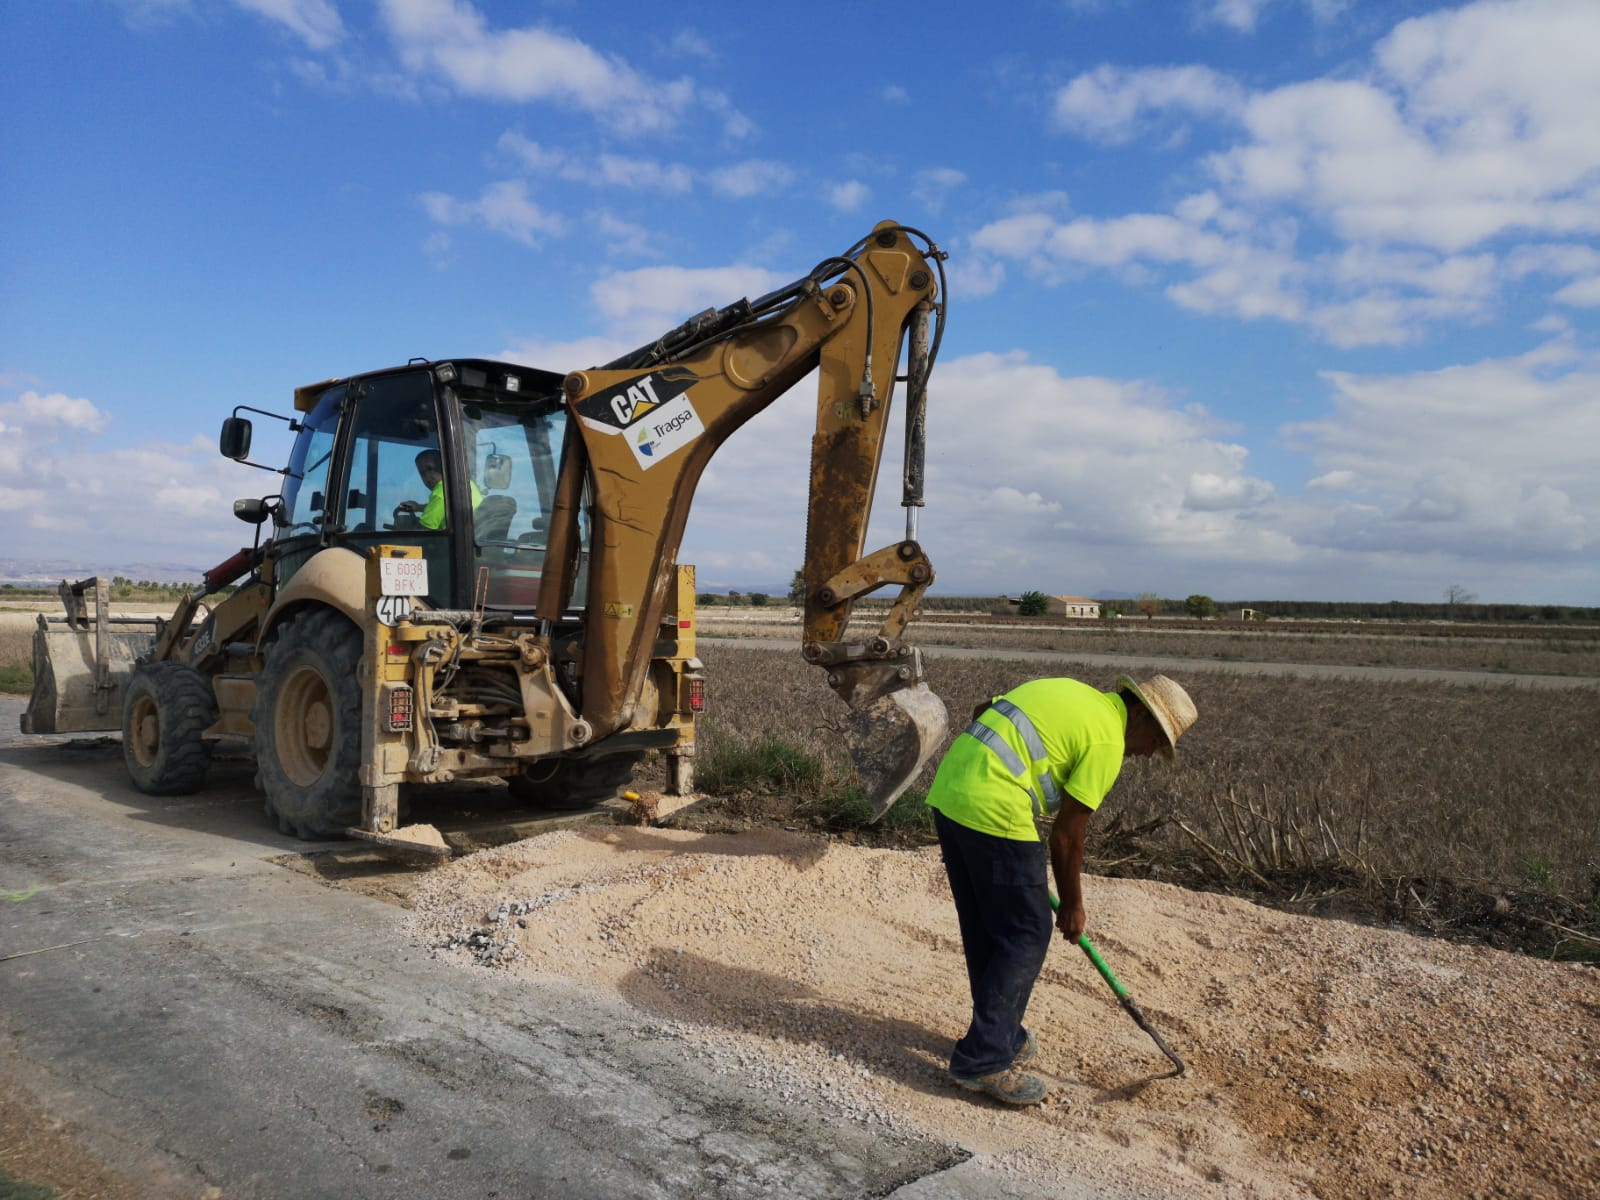 El Consell inicia les obres de reparació de regadius i infraestructures agràries danyades per la DANA en 26 municipis per un import de quasi 13,5 ...